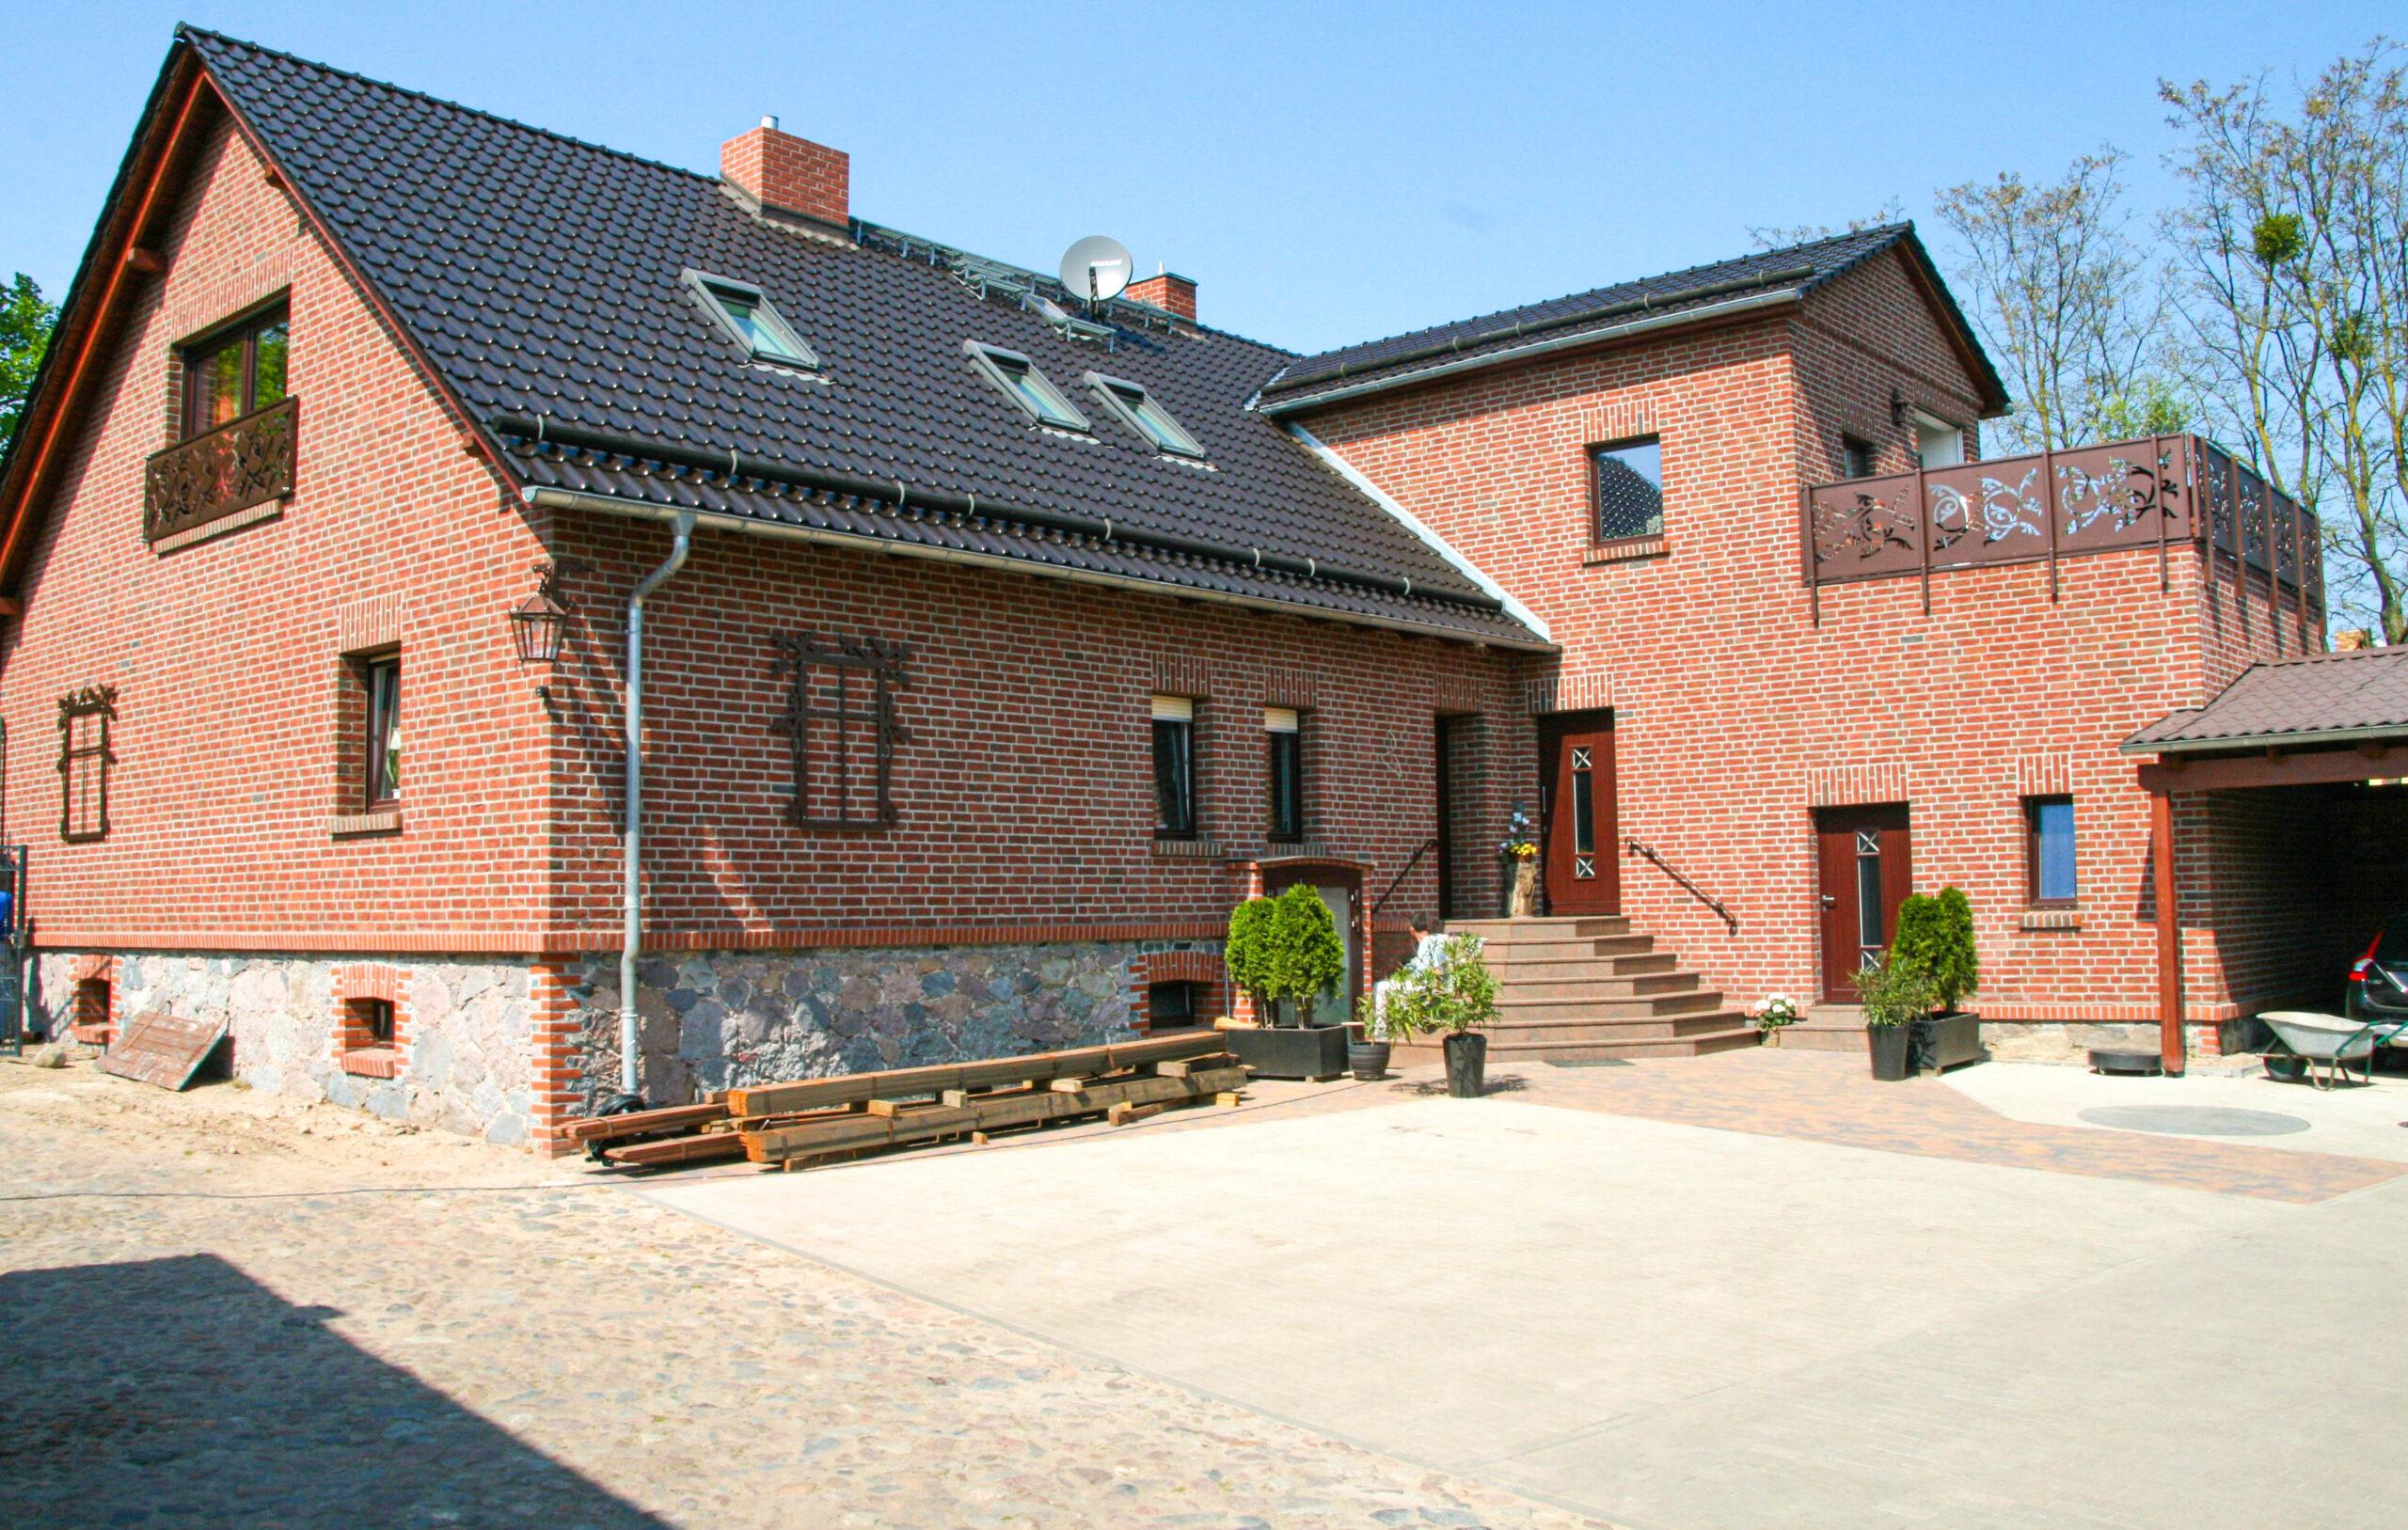 Neue Hausfassade vom Fassadensanierungs Experten